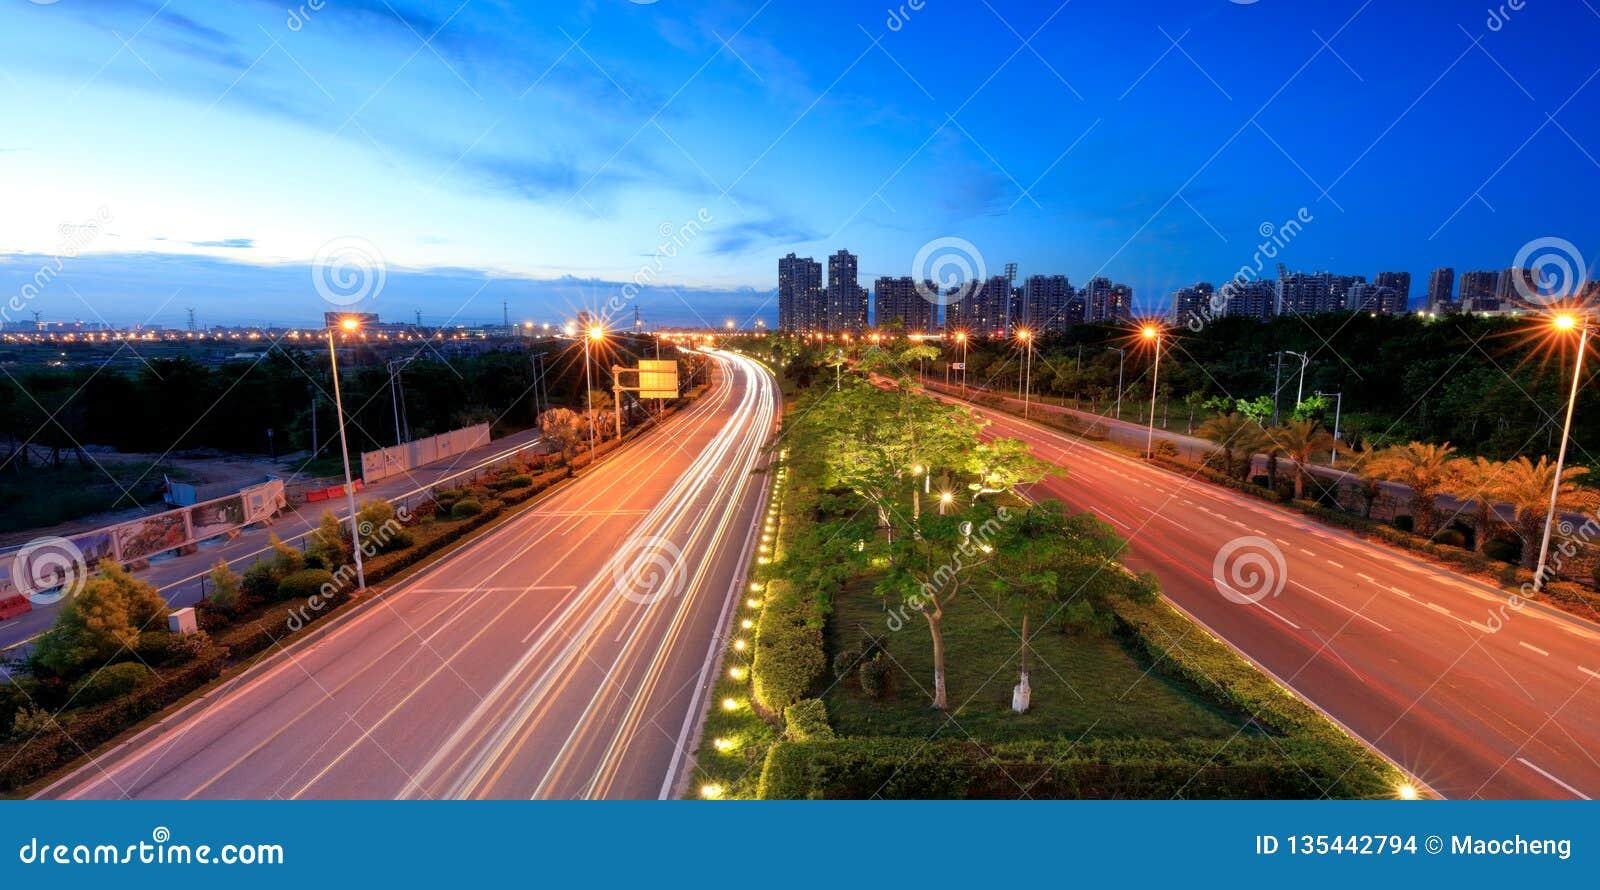 Xiangandadao ave night sight, srgb image